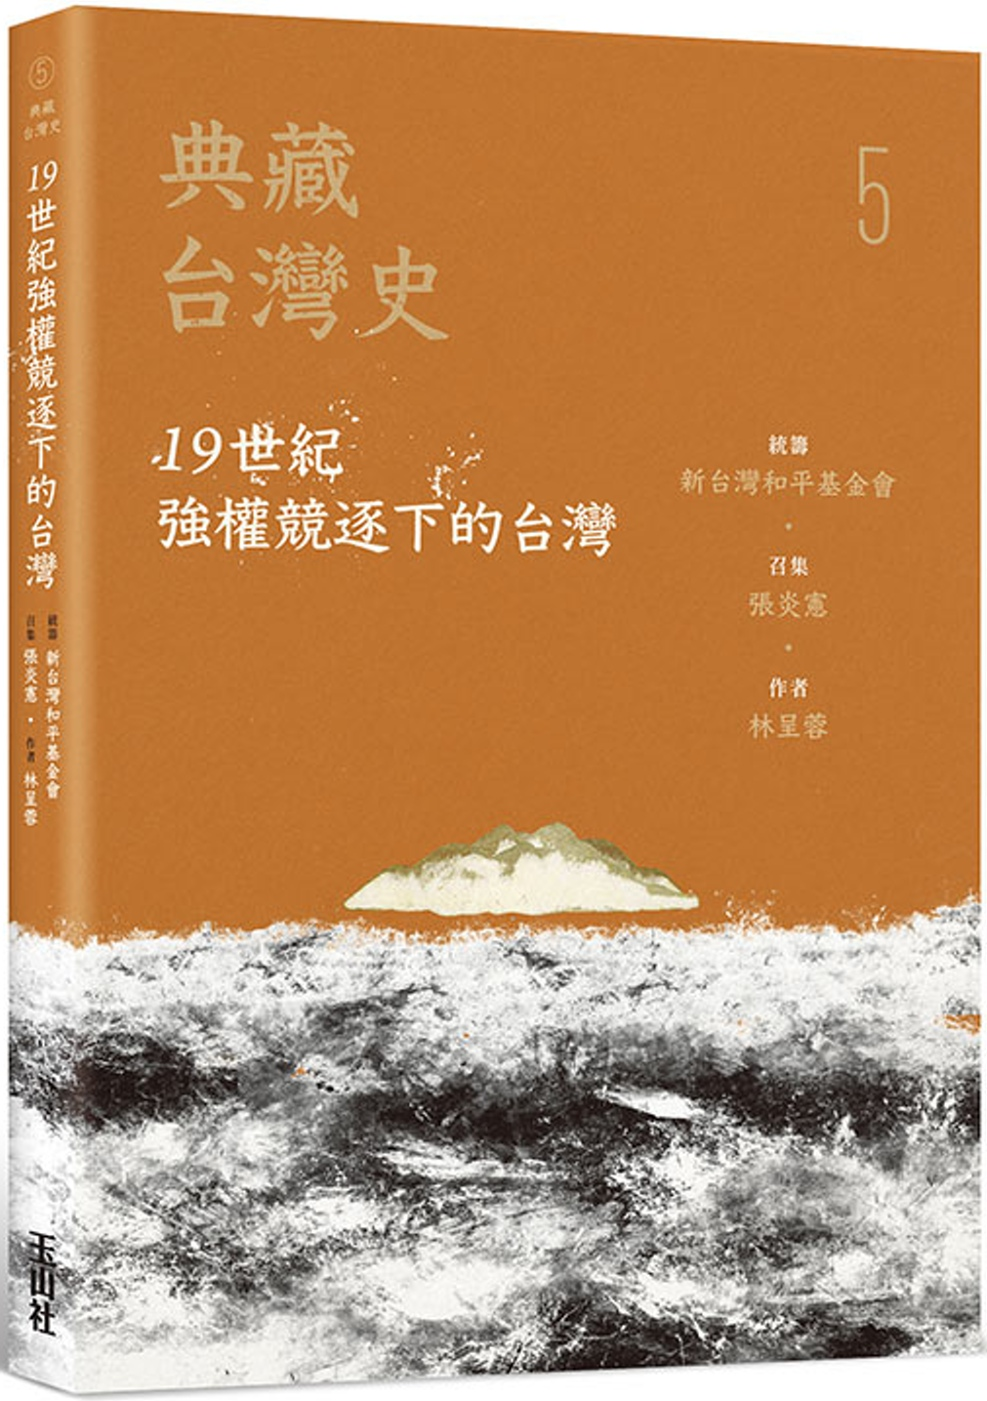 典藏台灣史(五)19世紀強權競逐下的台灣